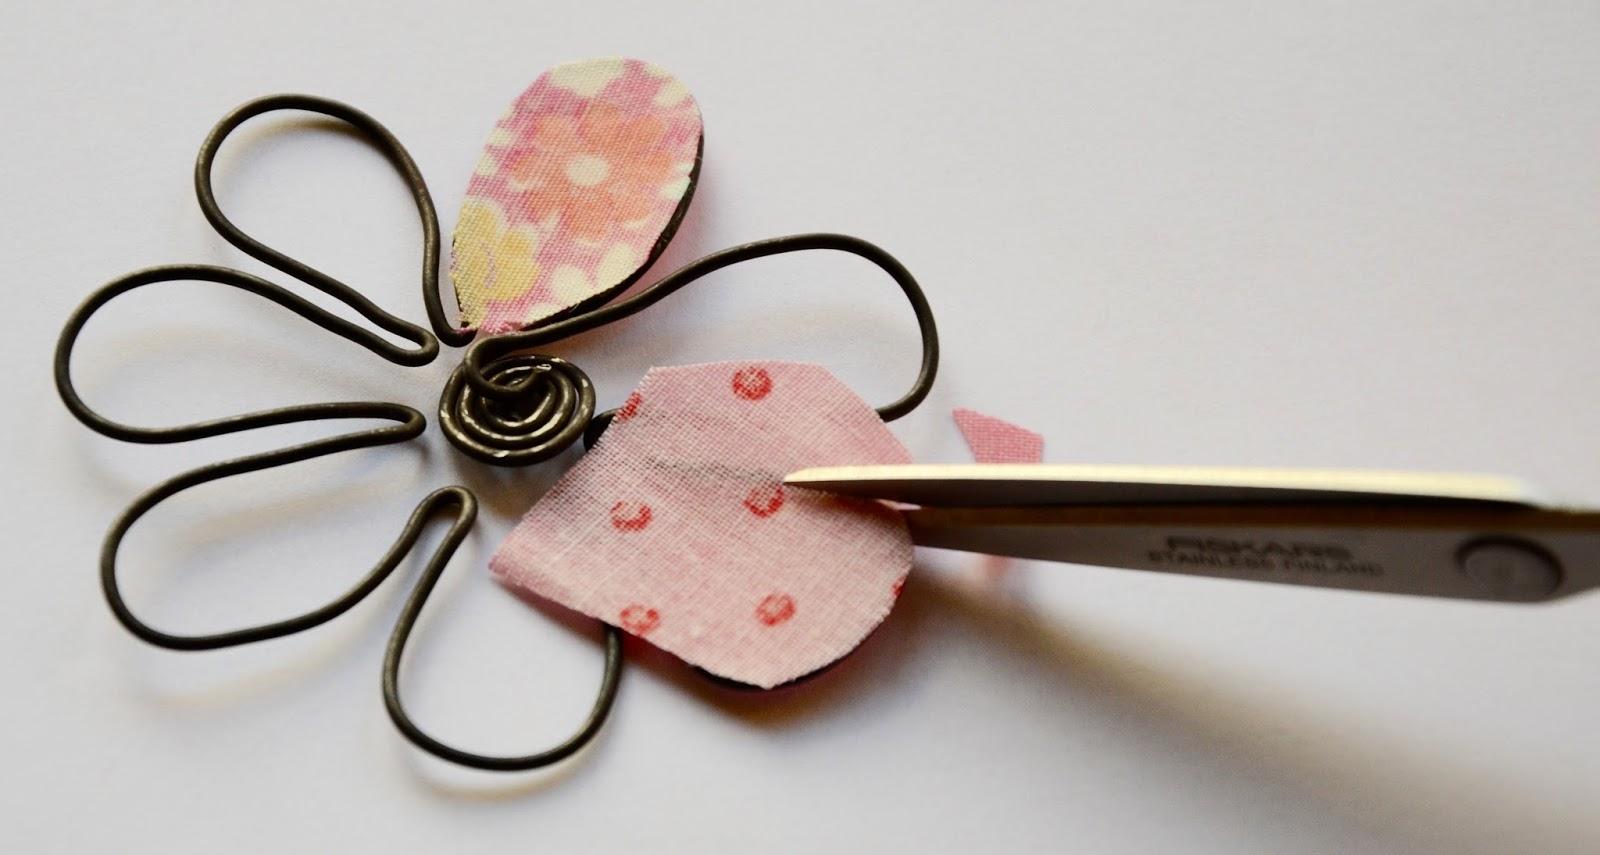 La petite verri re un pr nom en fil de fer et tissu tuto - Quelle colle utiliser pour coller du tissu ...